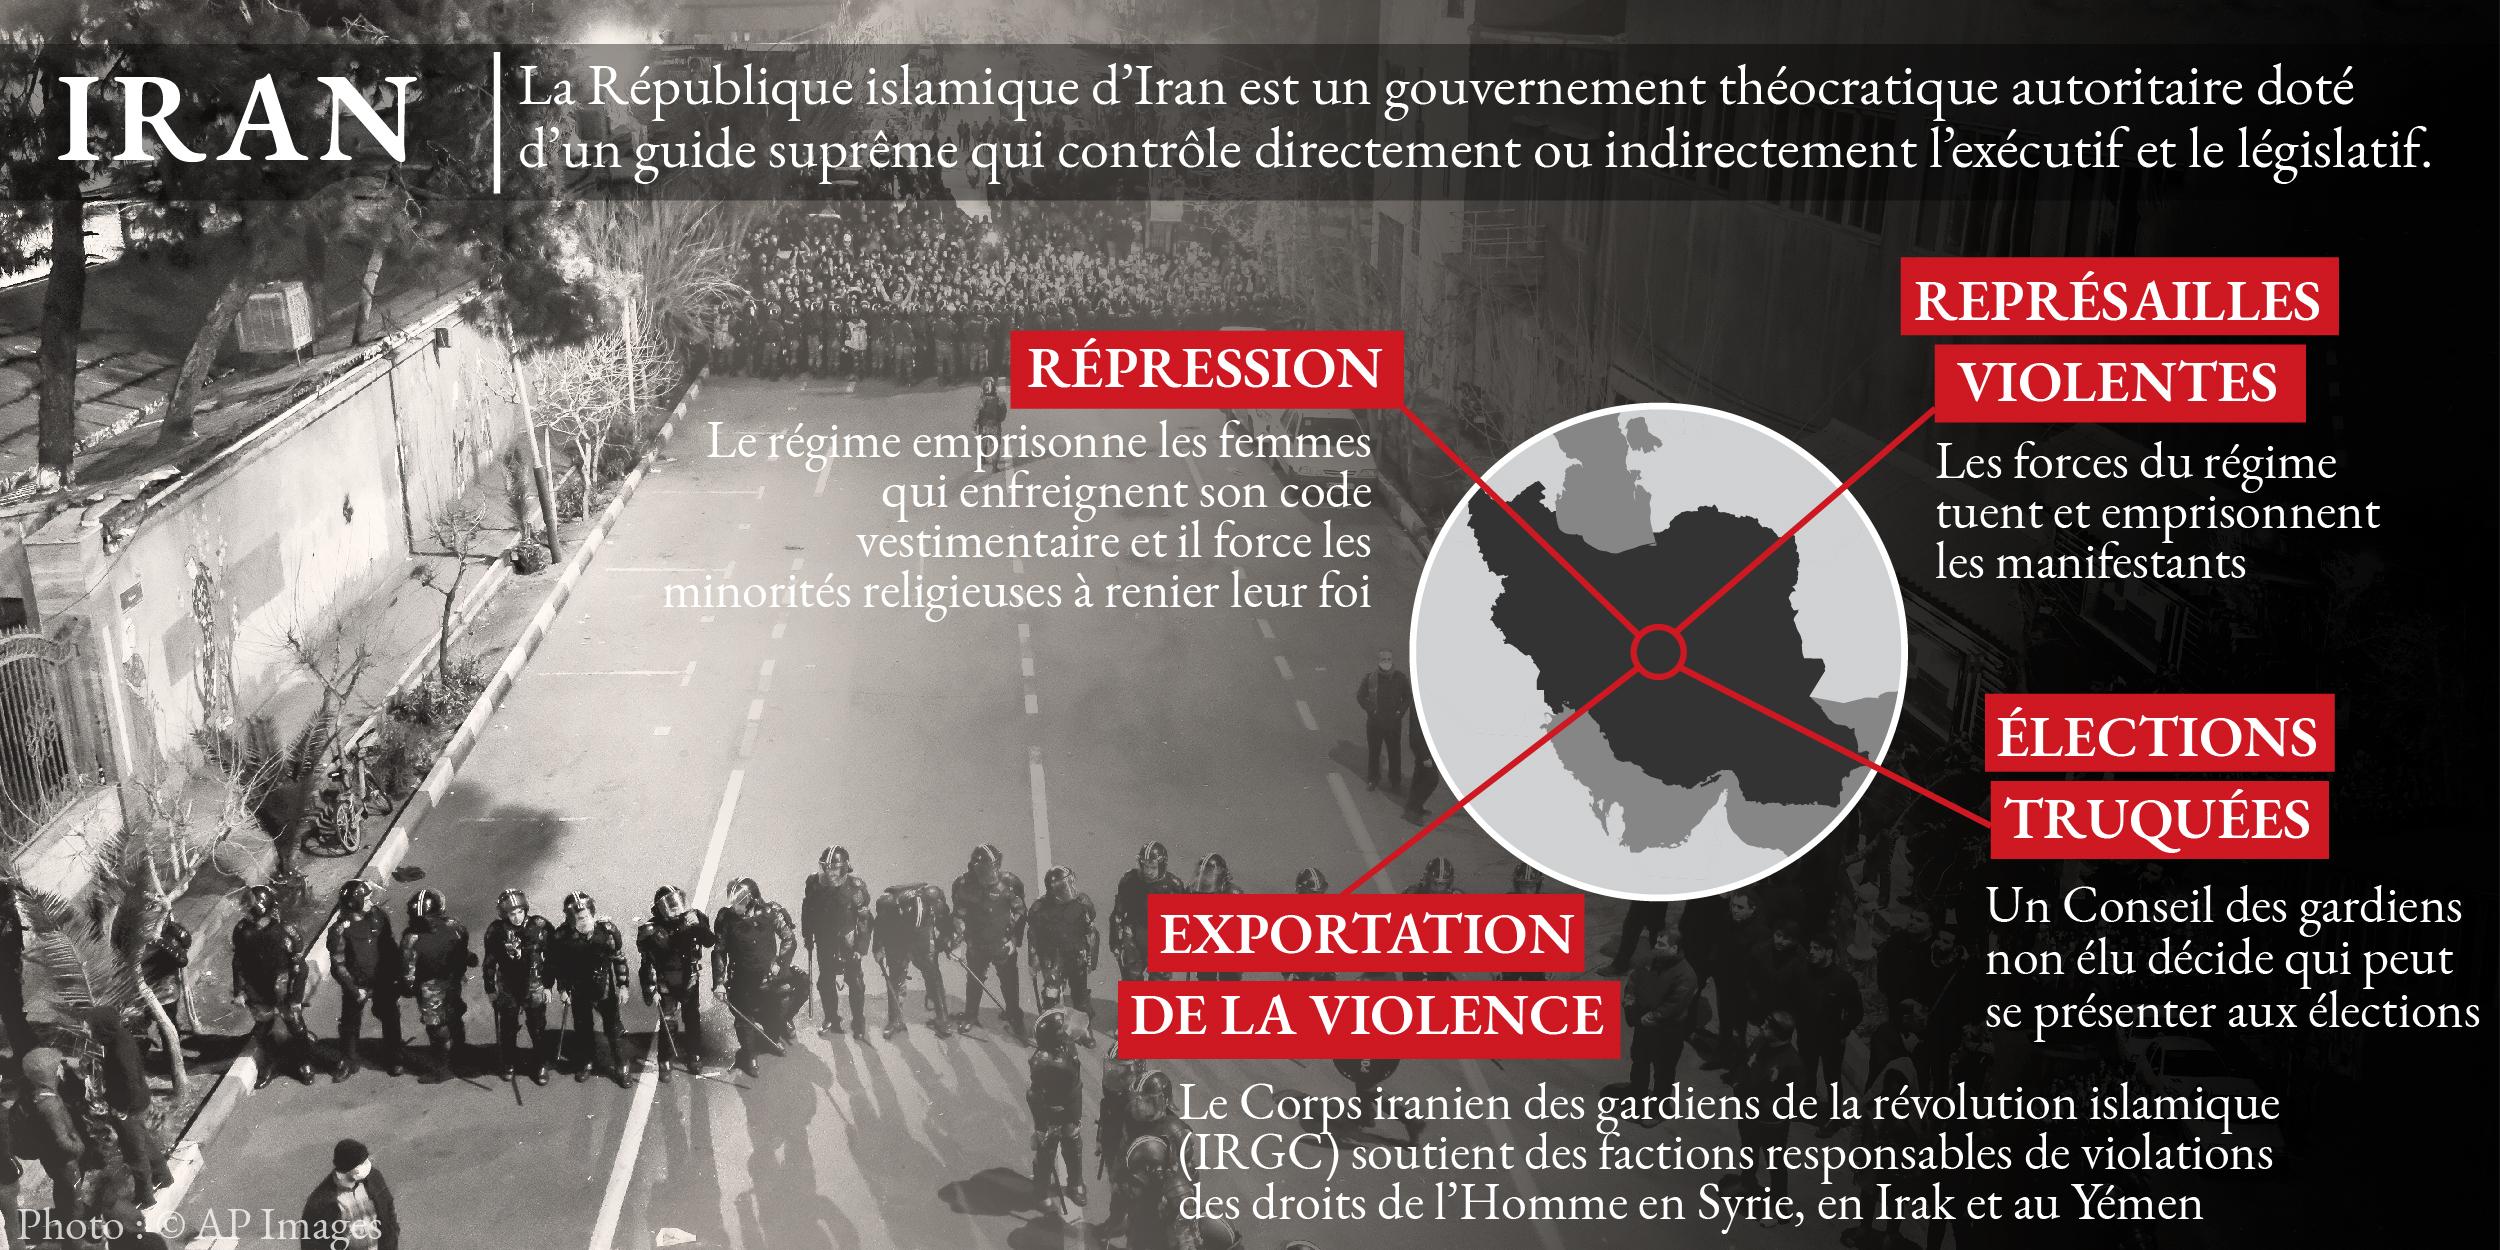 Infographie sur le non-respect des droits de l'Homme en Iran, avec une photo en arrière-plan (© AP Images – Département d'État)